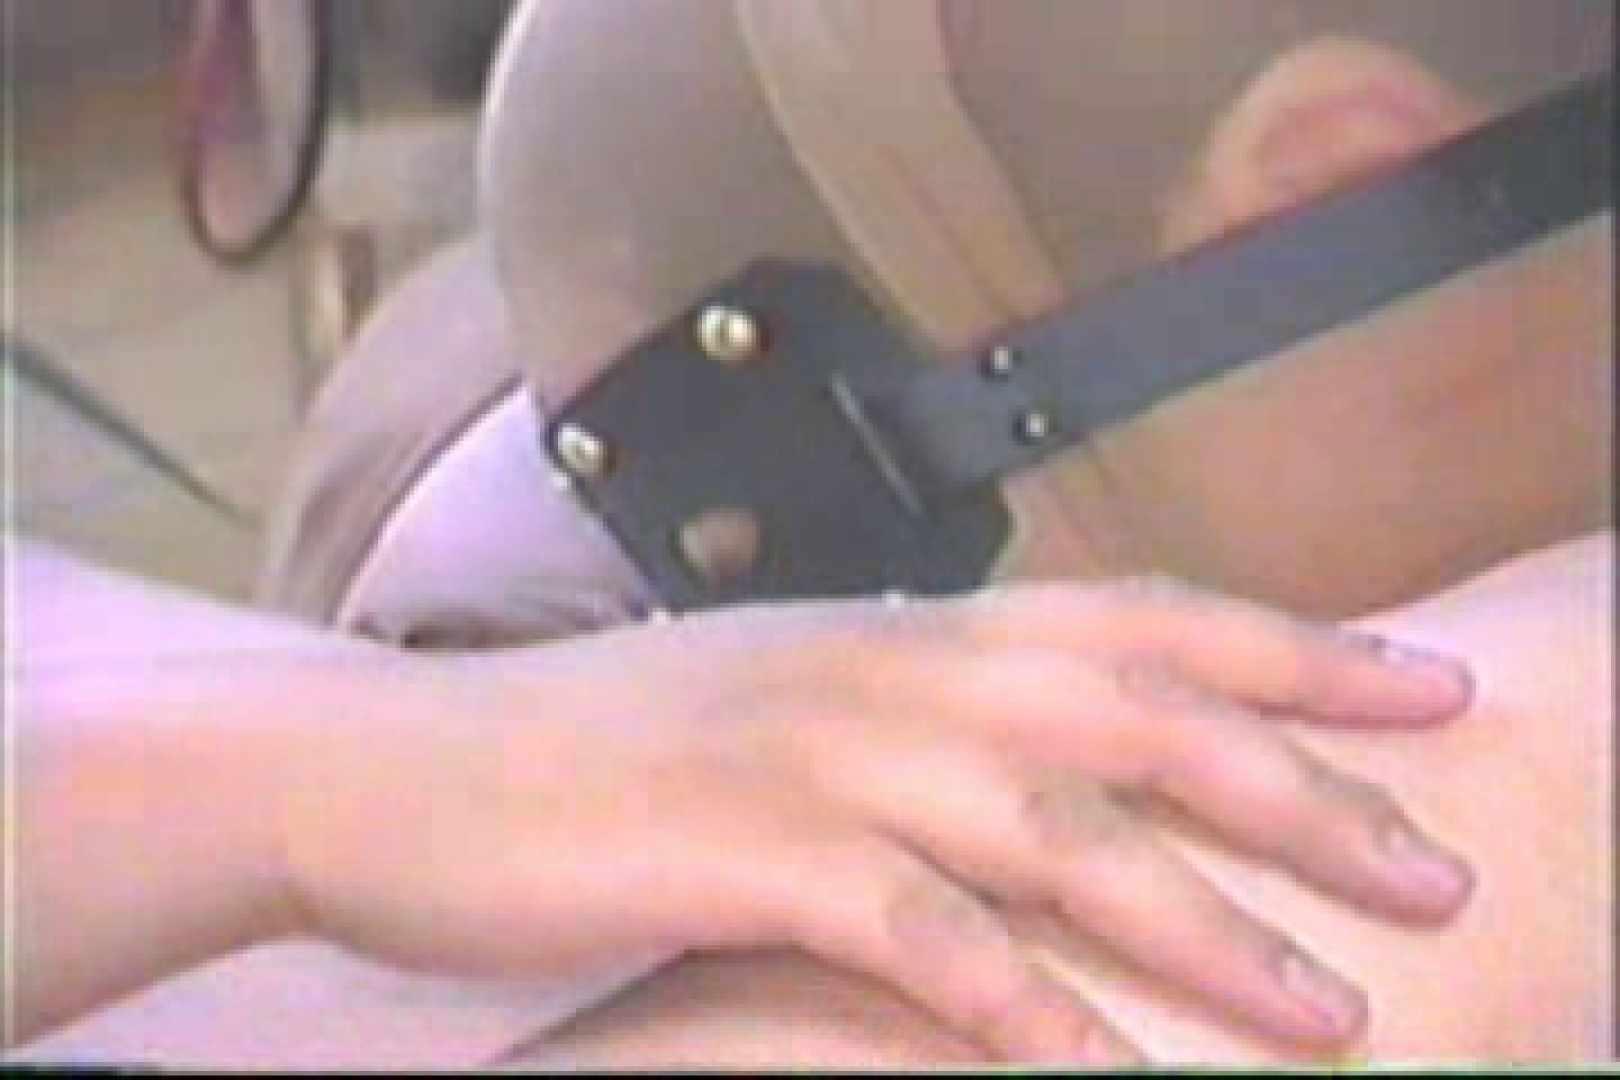 【実録】パンスト仮面は真性包茎!!Hなぽっちゃりカップル カップル GAY無修正エロ動画 87枚 60